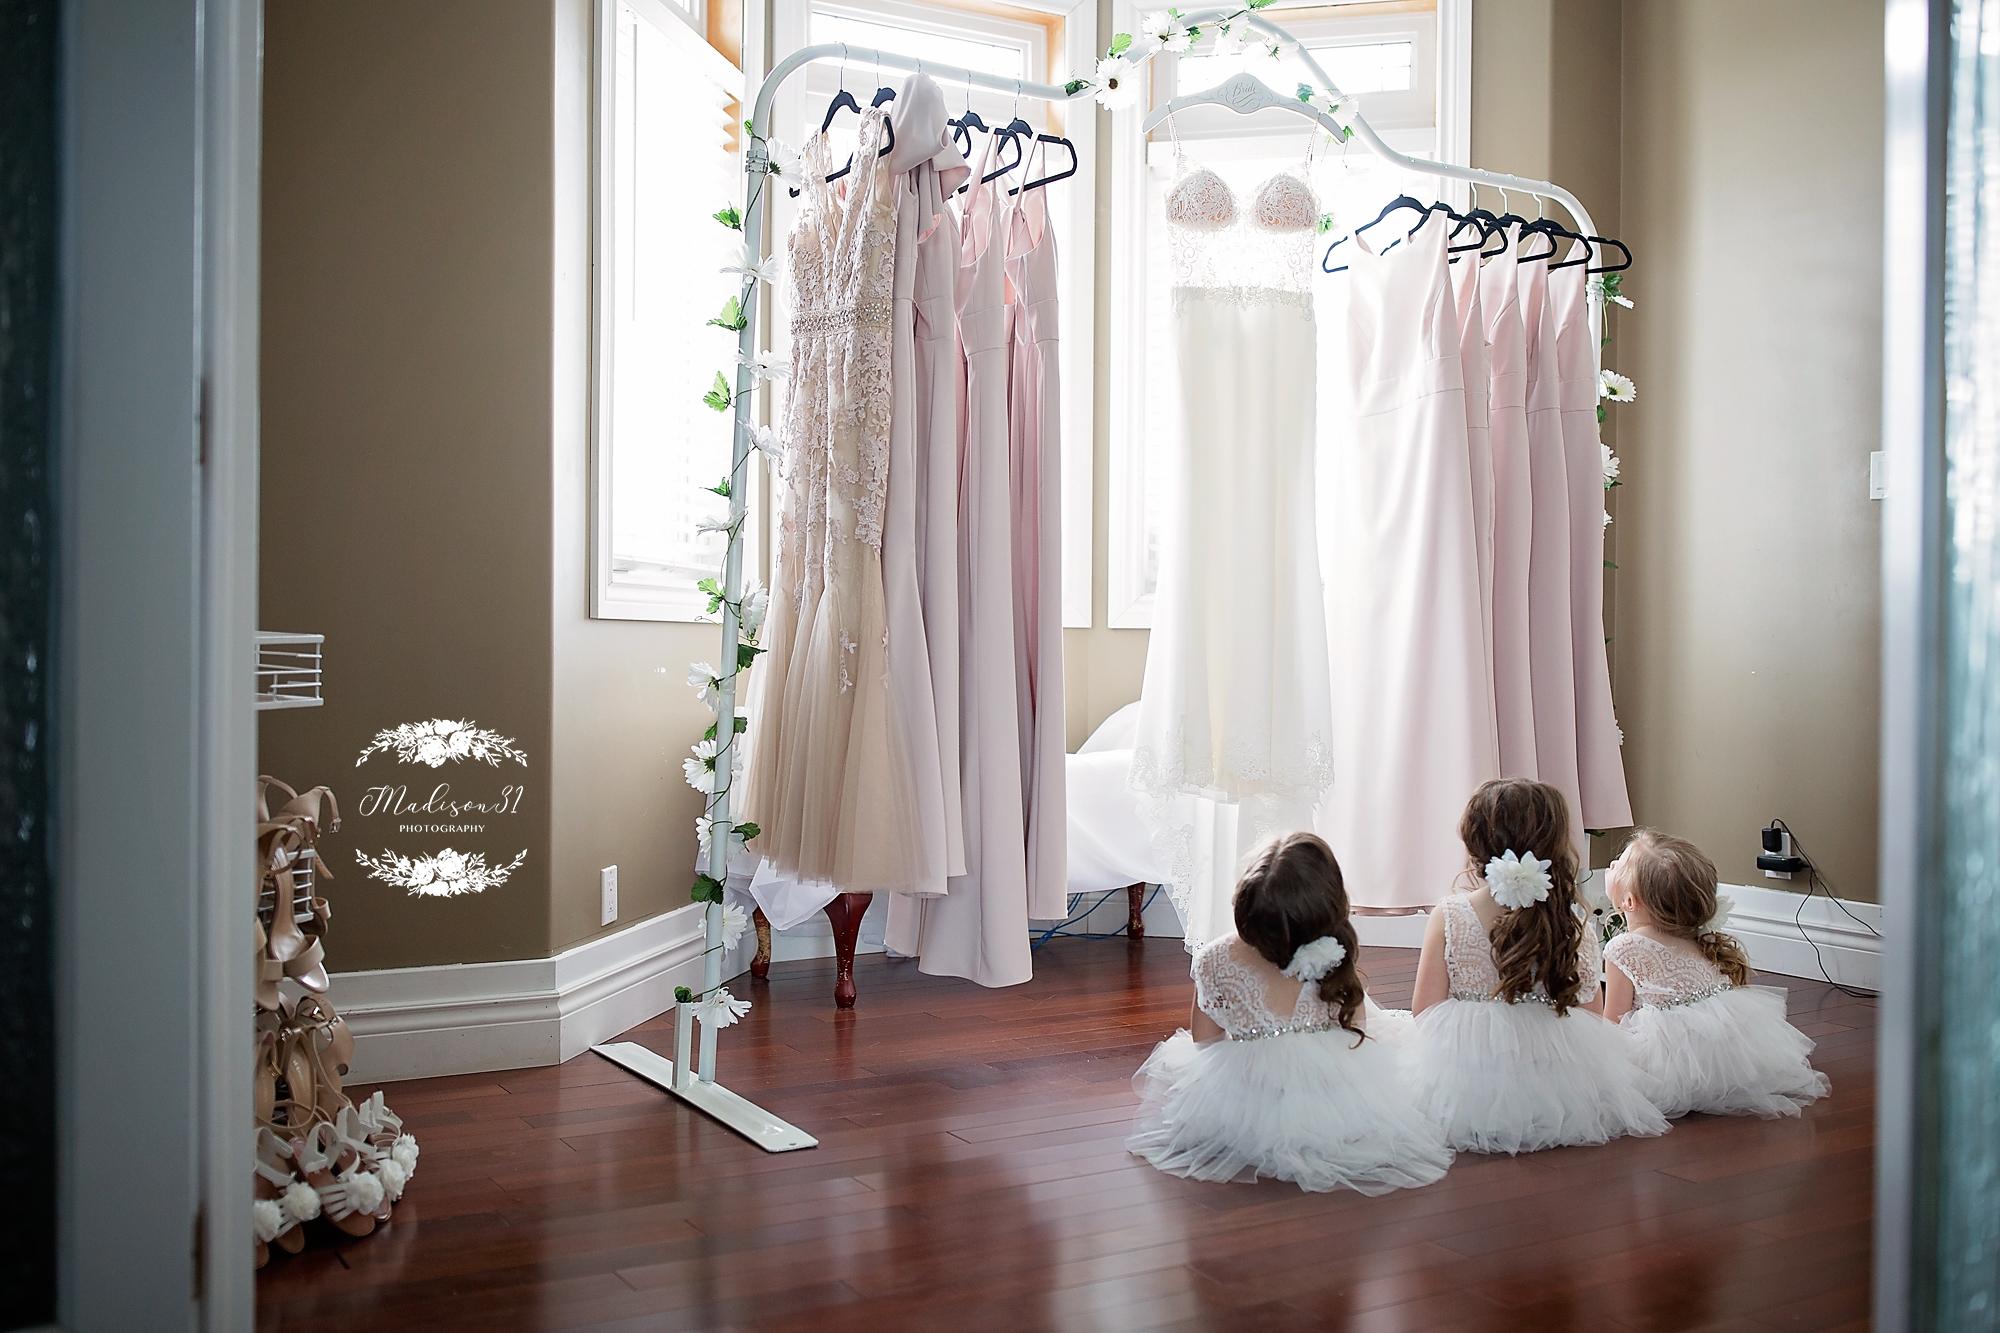 Getting Ready Bride_0504 copy.jpg